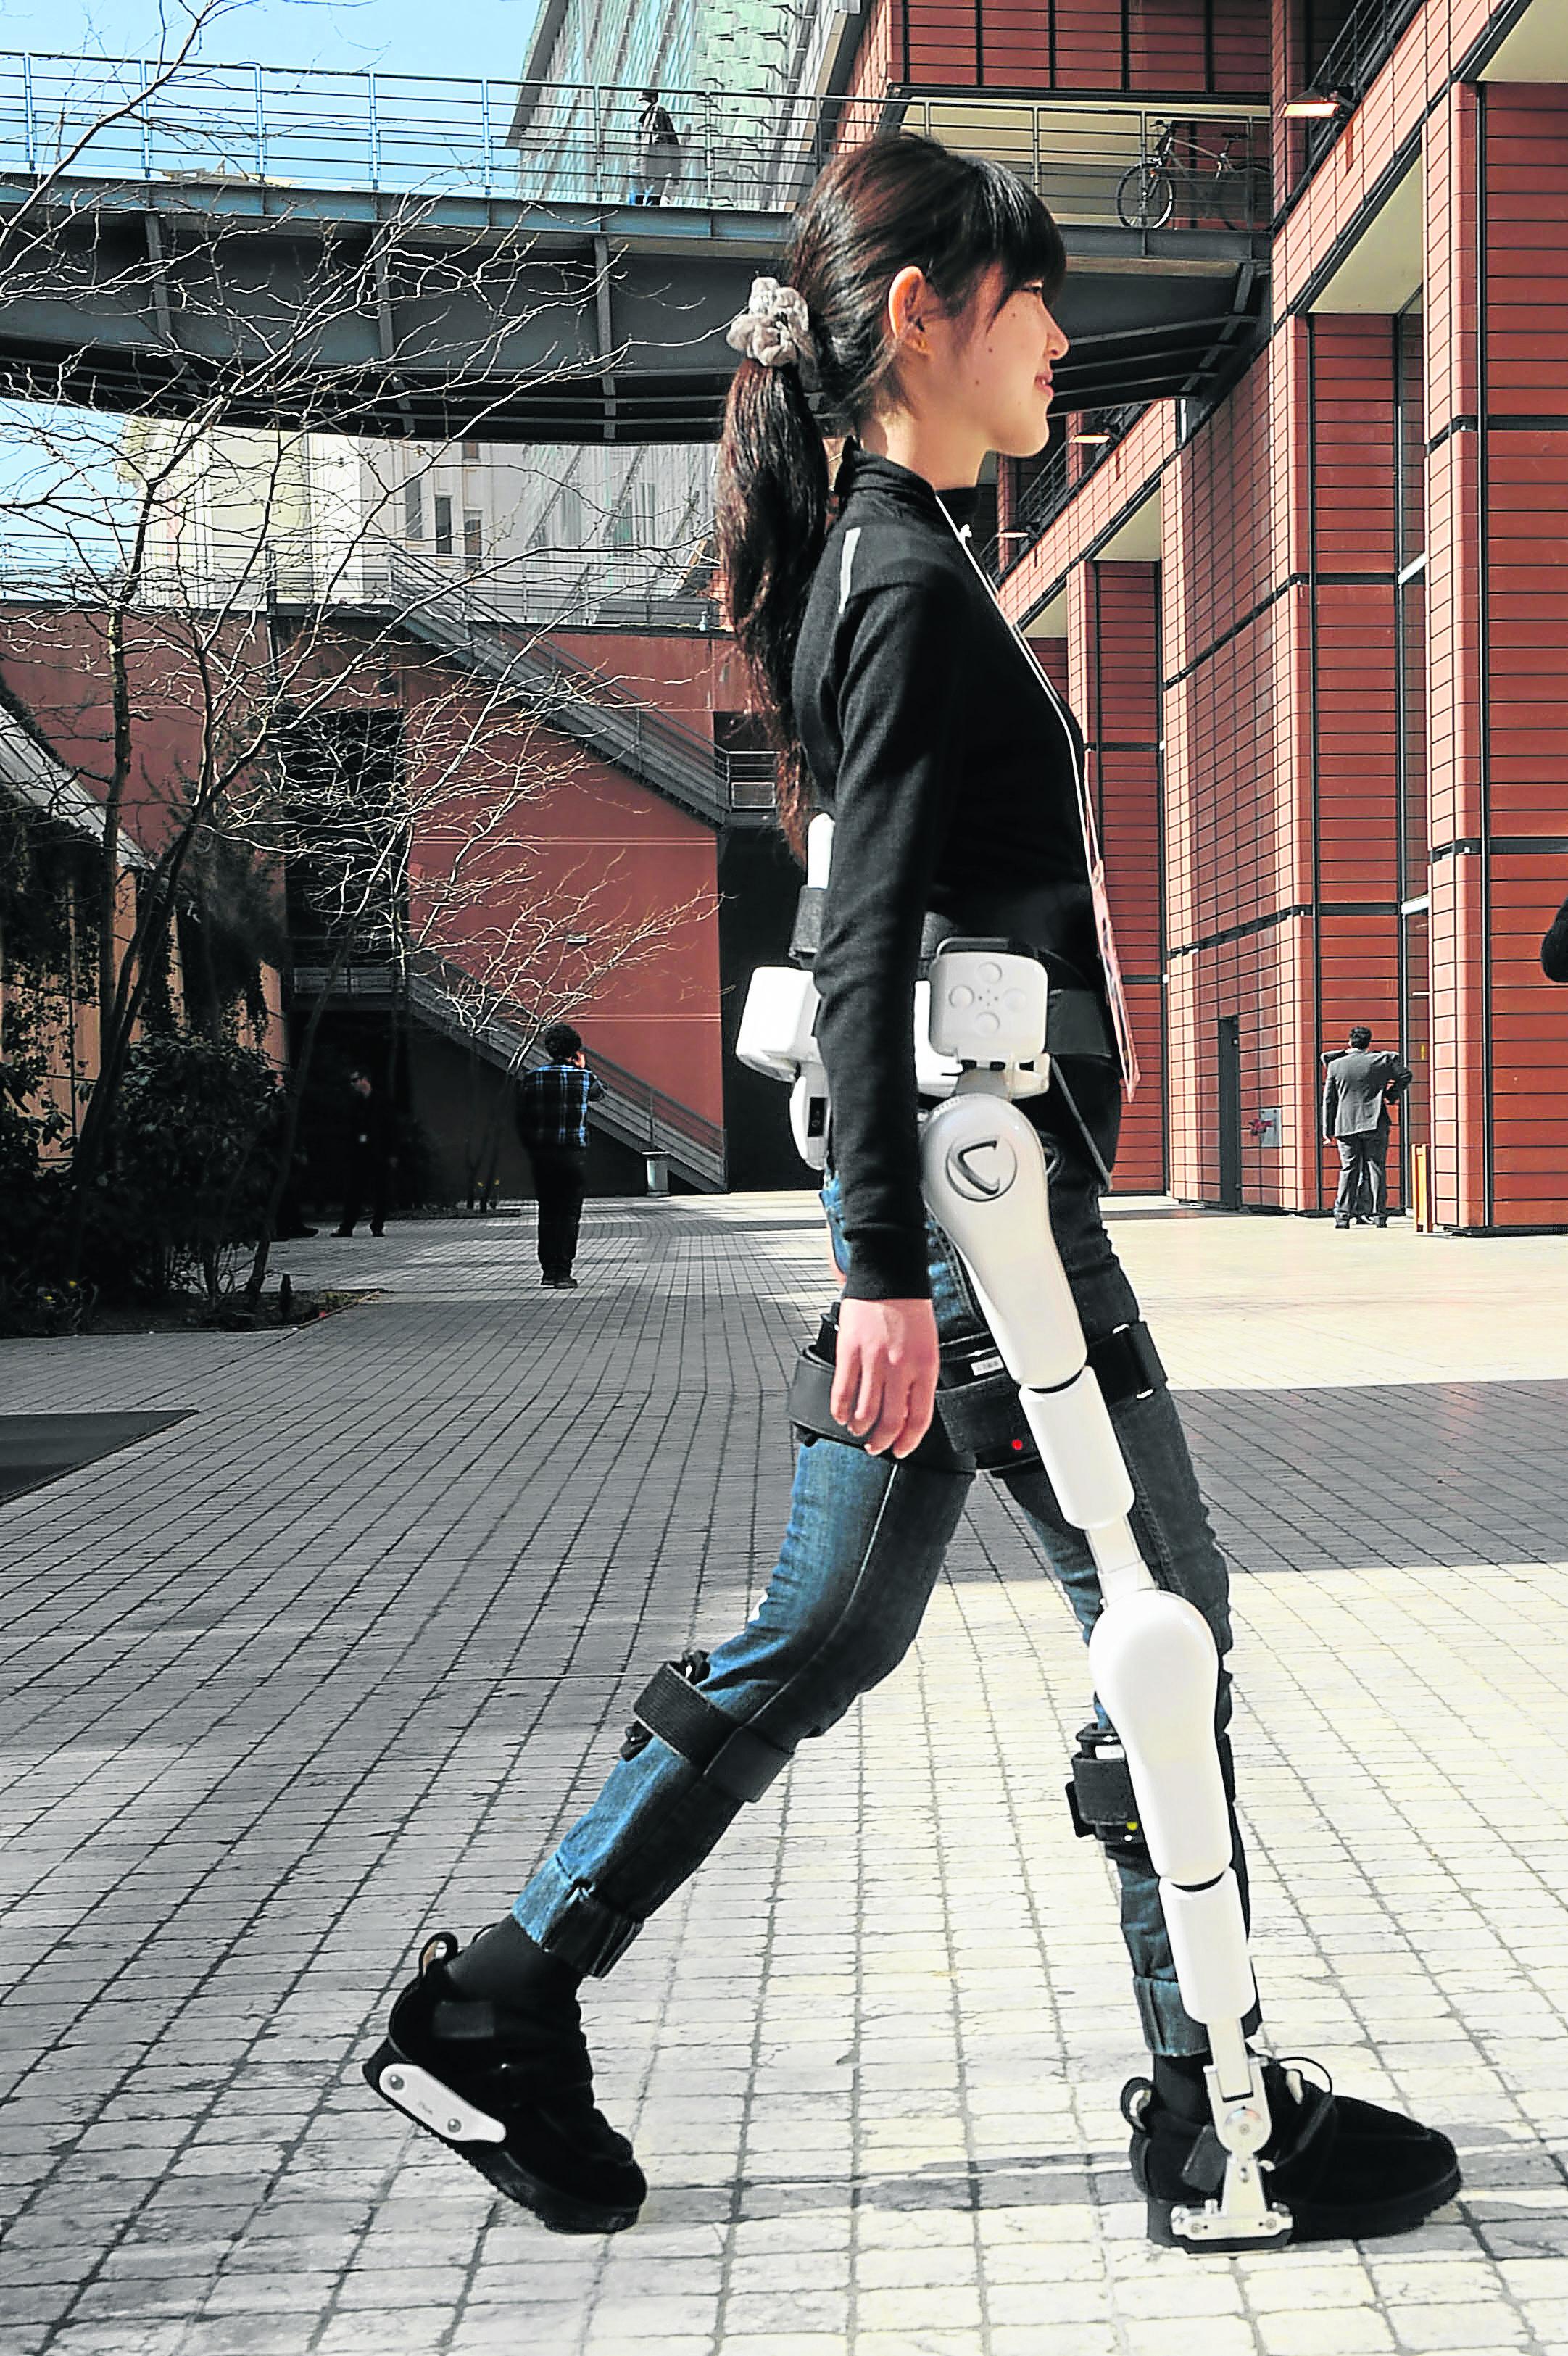 les robots de r ducation frappent la porte des h pitaux a. Black Bedroom Furniture Sets. Home Design Ideas